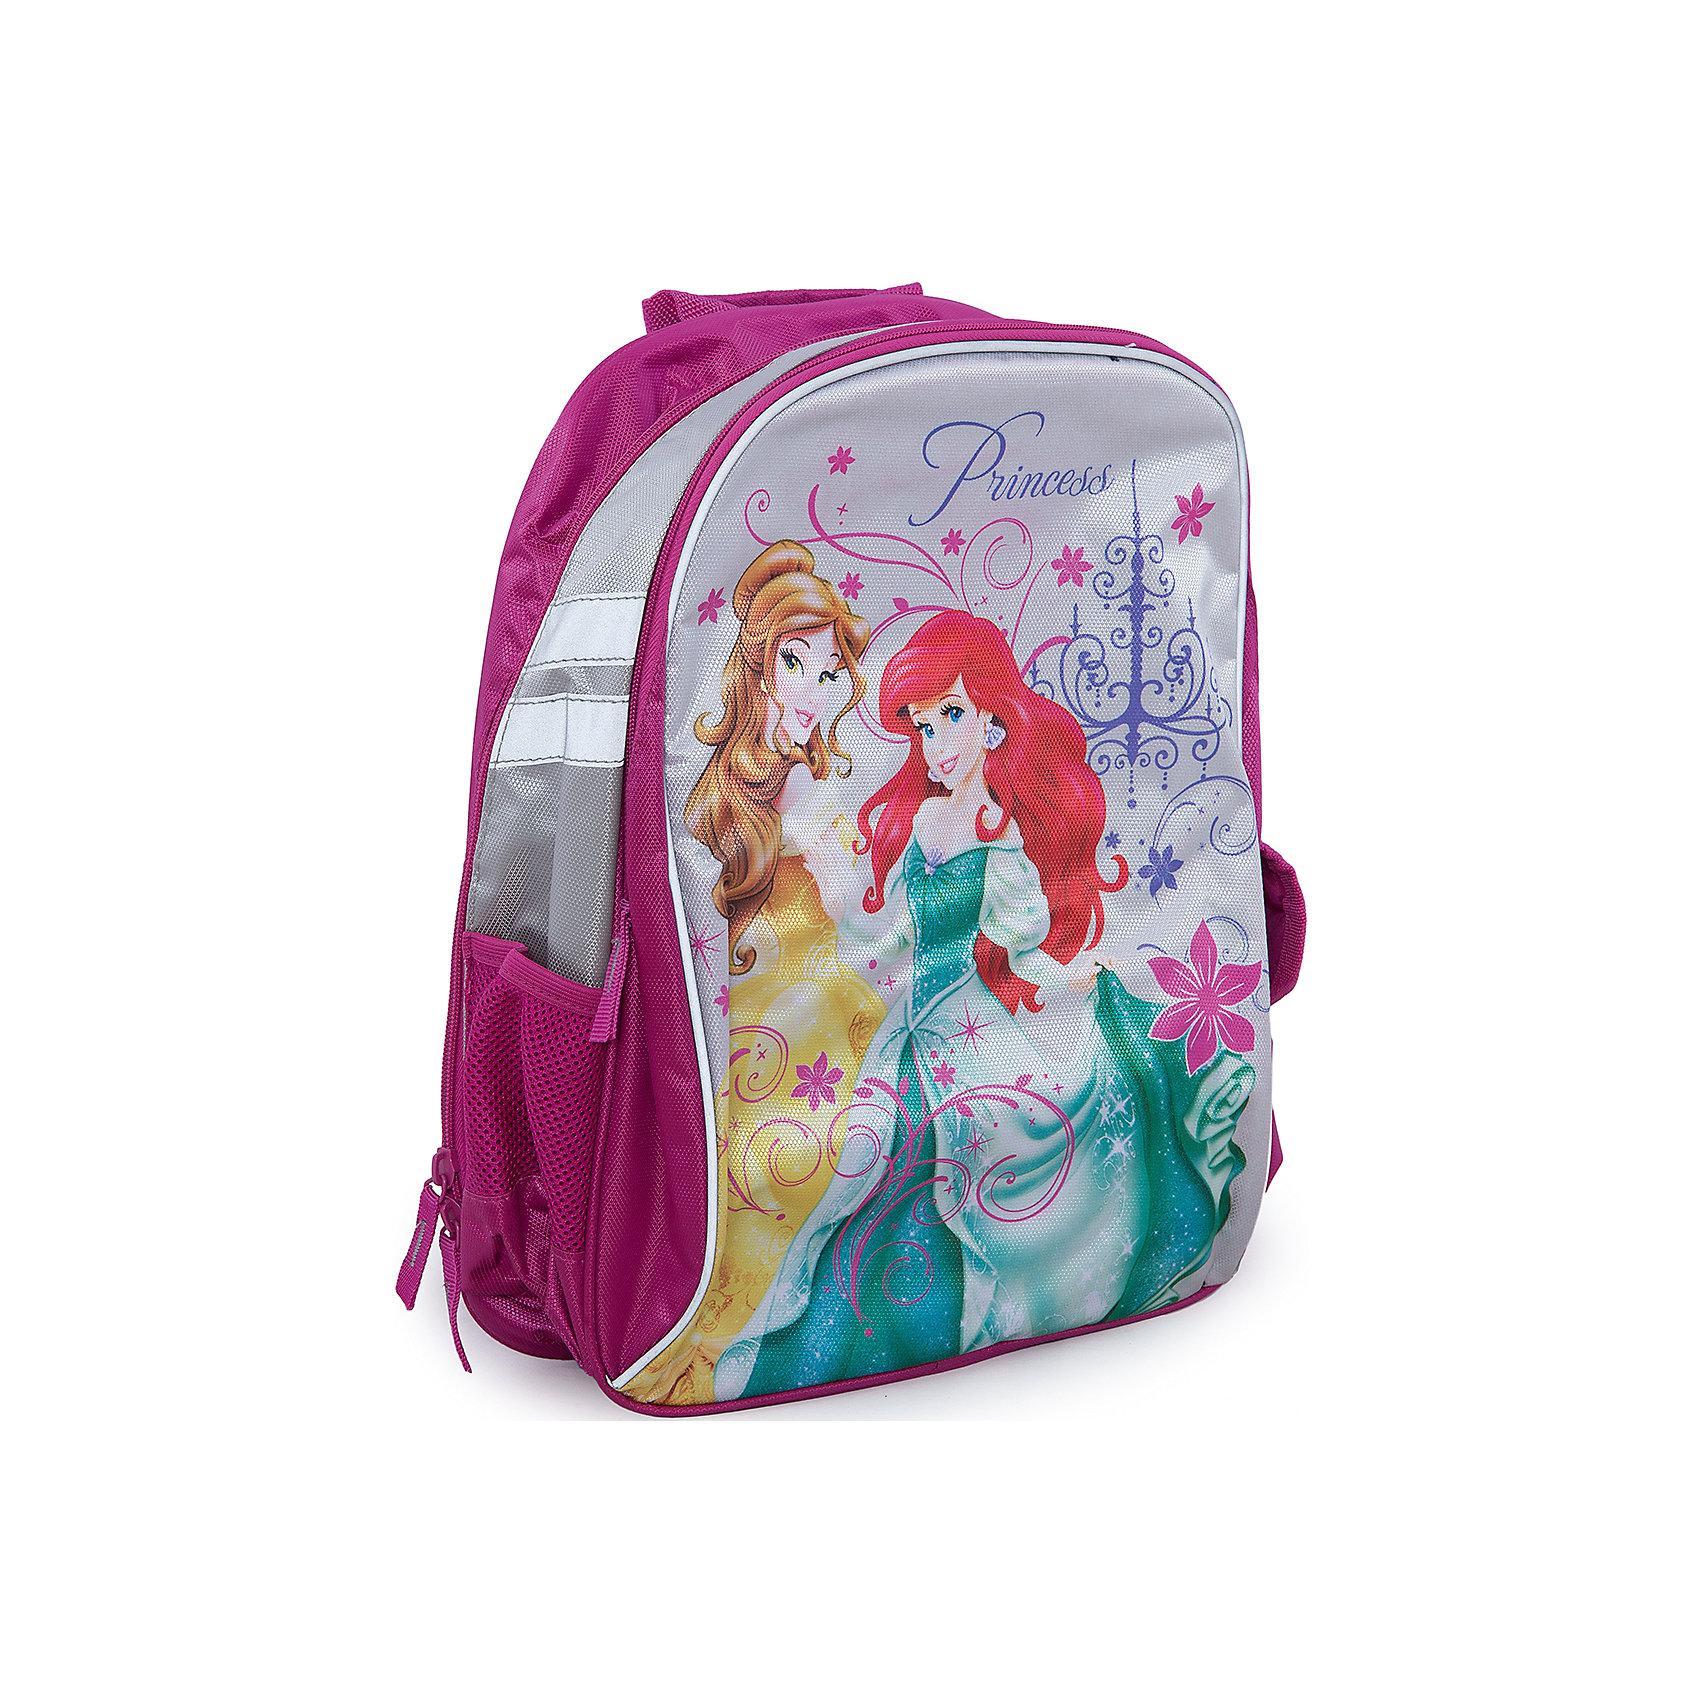 Школьный рюкзак с мягкой спинкой, Принцессы ДиснейПринцессы Дисней<br>Рюкзак Disney Princess (Принцессы Диснея) - комфортный и красивый рюкзак для школы и занятий спортом, который наверняка порадует маленькую школьницу. Рюкзак имеет мягкую спинку с вентиляционной сеткой. Внутри одно просторное отделение для книг и тетрадей, также имеются одно фронтальное отделение на молнии и два боковых кармашка: один - пенального типа на кнопке и второй с сеточкой и утягивающей резинкой.<br><br>Лямки рюкзака регулируются в зависимости от возраста и роста ребенка, имеется тряпичная ручка для переноски в руках.<br><br>Рюкзак выполнен из качественных материалов и украшен принтом с принцессами из диснеевских мультфильмов, оснащен светоотражающими элементами для безопасного передвижения ребенка в темное время<br><br>Дополнительная информация:<br><br>- Материал: полиэстер.<br>- Размер: 39 х 31 х 12 см. <br>- Вес: 0,554 кг.<br><br>Рюкзак с мягкой спинкой Disney Princess можно купить в нашем интернет-магазине.<br><br>Ширина мм: 390<br>Глубина мм: 310<br>Высота мм: 120<br>Вес г: 554<br>Возраст от месяцев: 48<br>Возраст до месяцев: 84<br>Пол: Женский<br>Возраст: Детский<br>SKU: 3563350